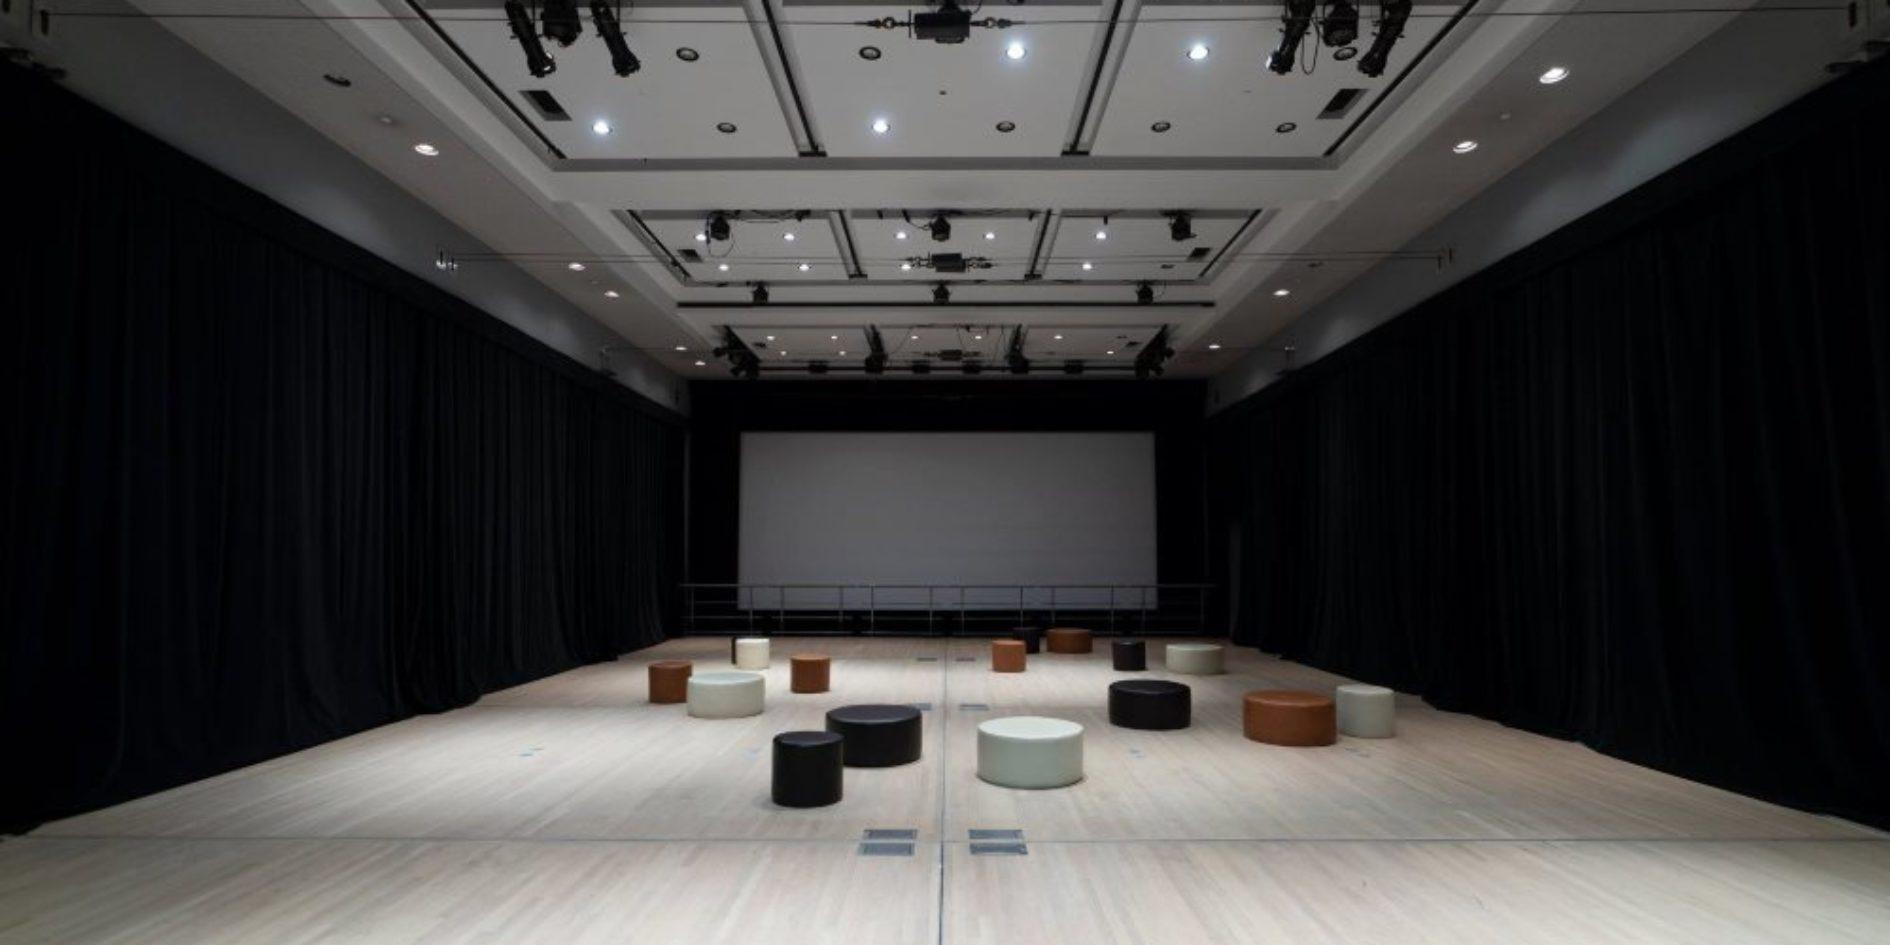 Cinéma ExCentris Montréal : salle de projection